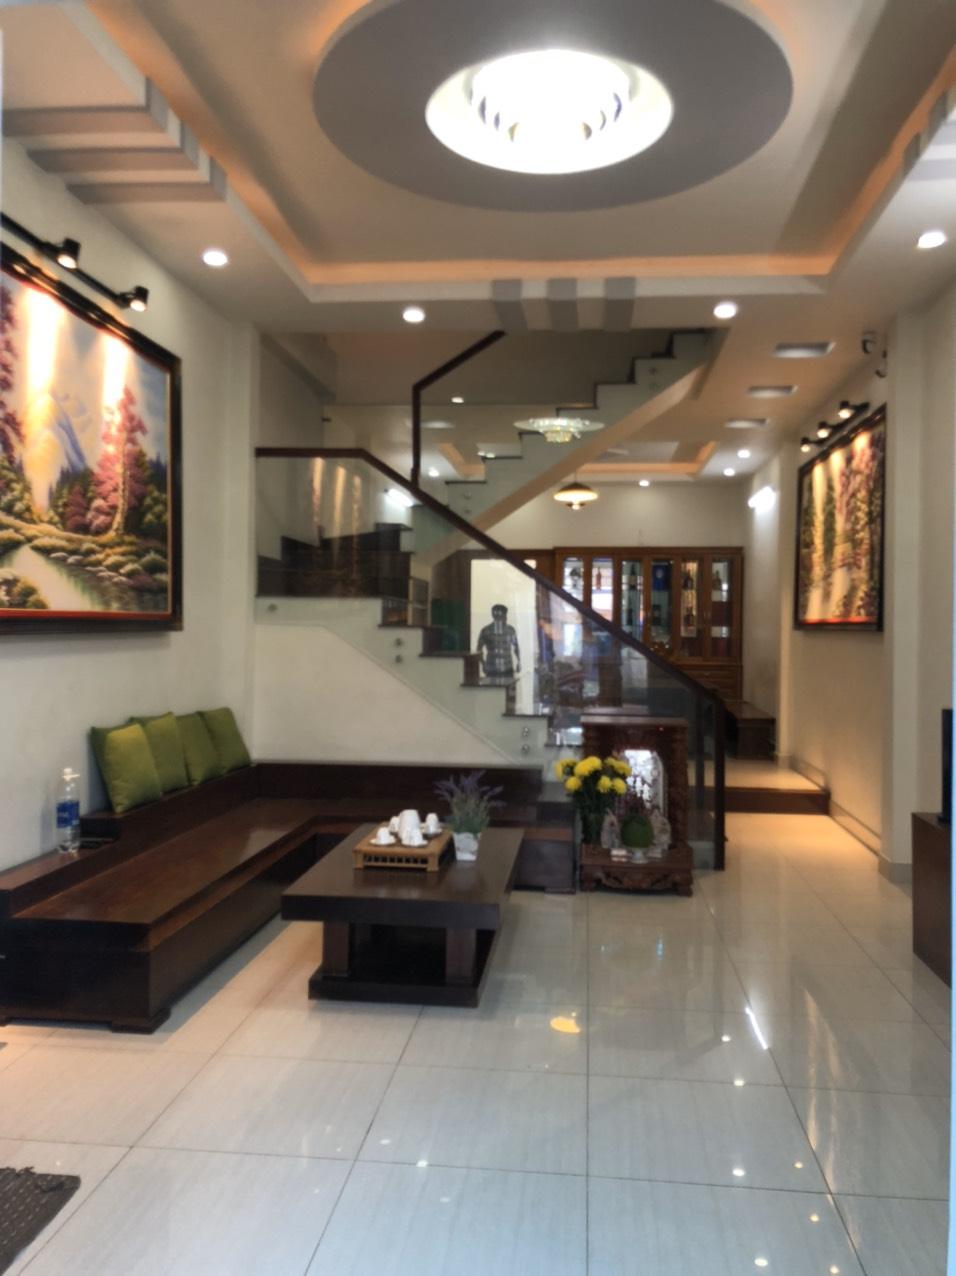 Bán nhà 2 lầu giá :3.35 tỷ ngay trung tâm phường Thạnh xuân,q12